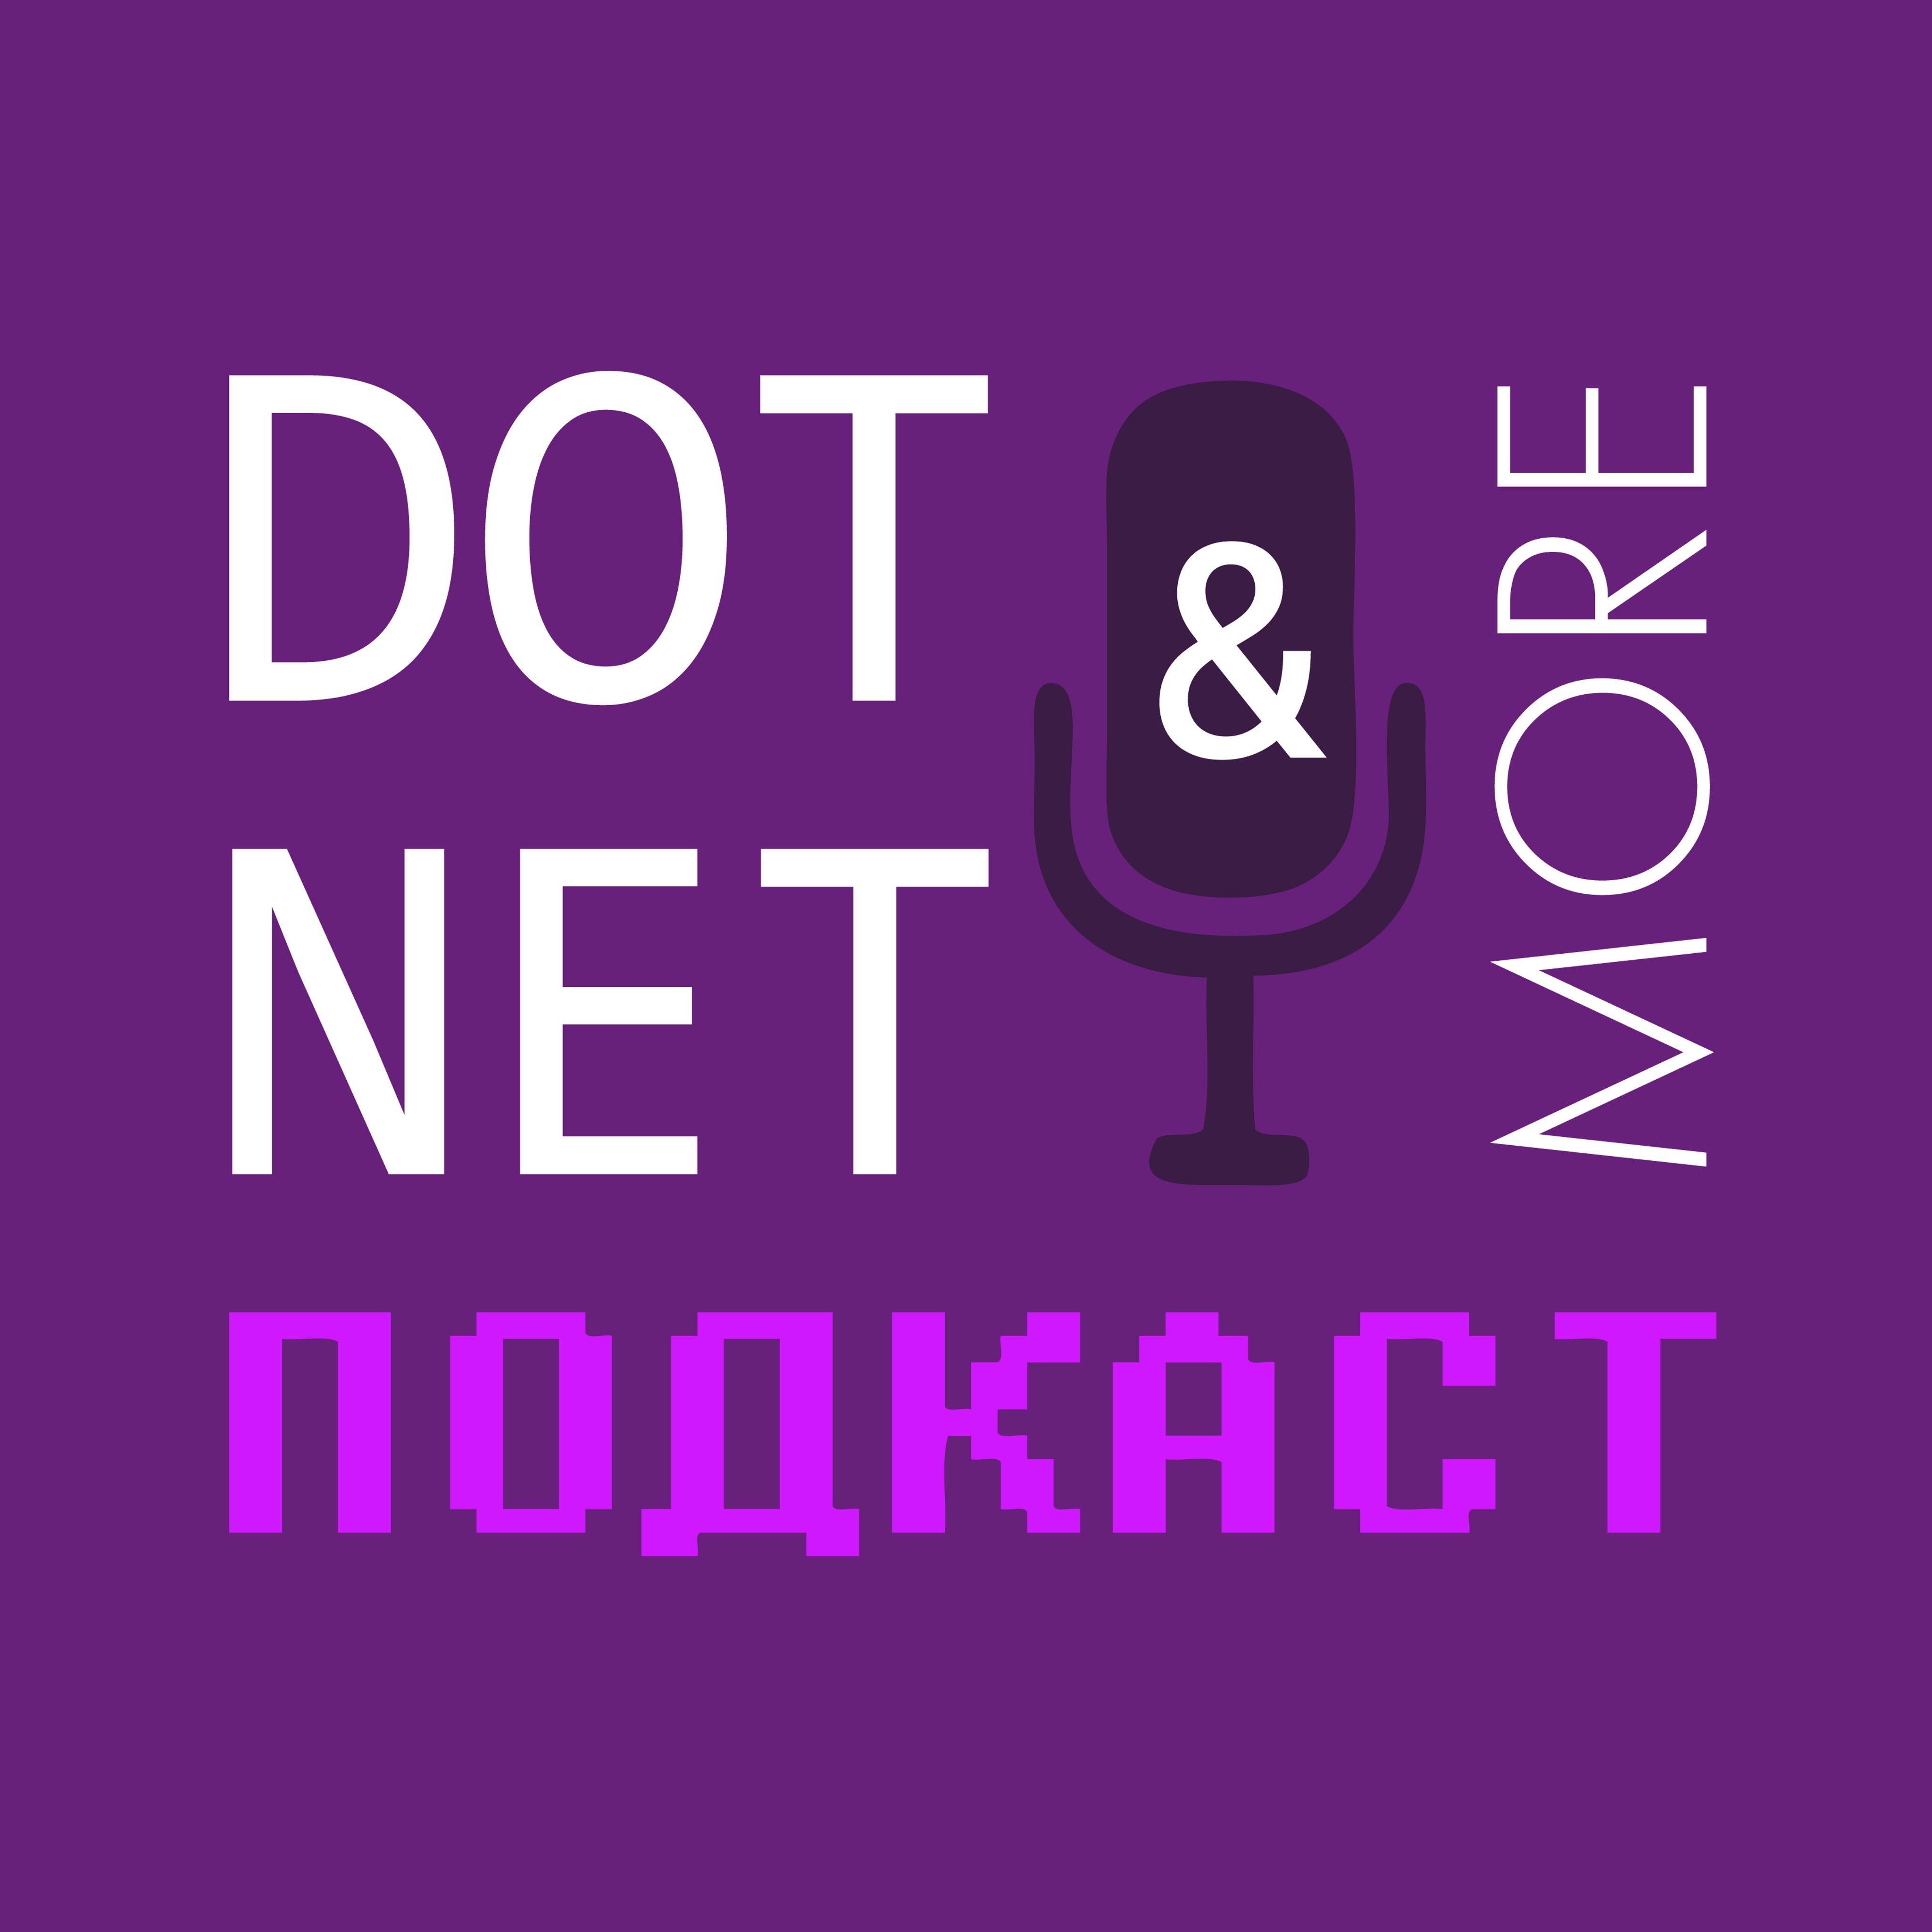 8d2194911625 DotNet & More Подкаст on Twitter: